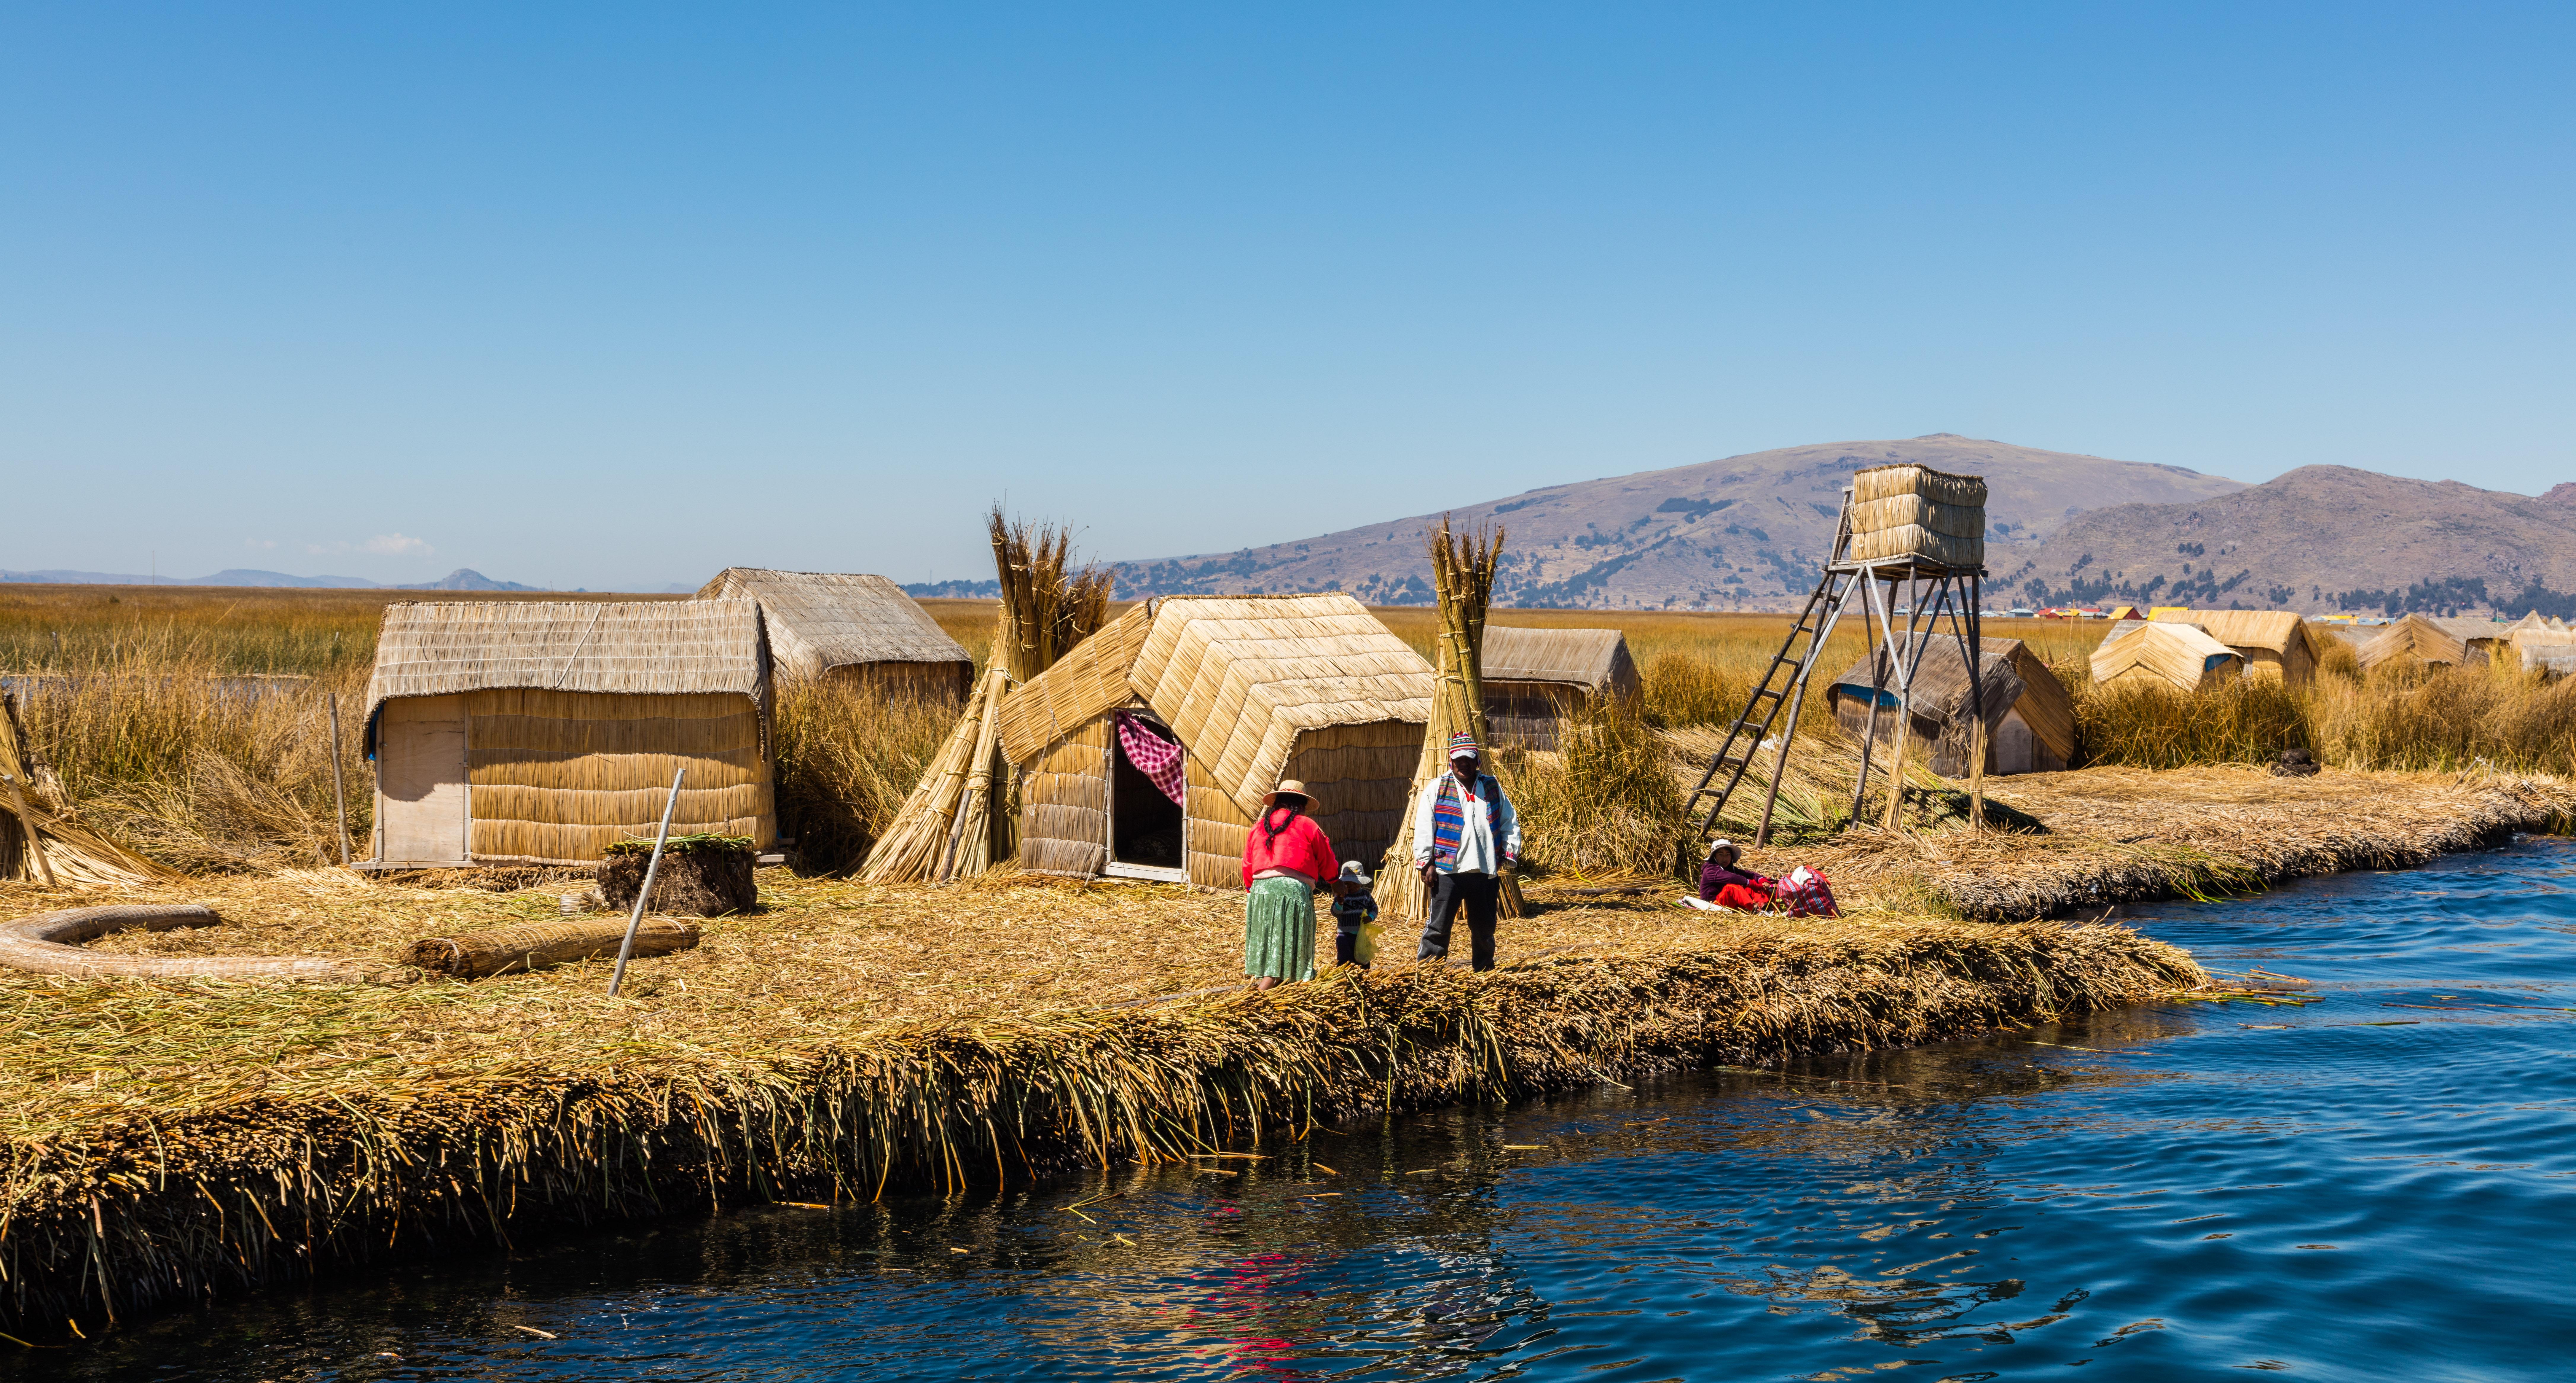 File:Islas flotantes de los Uros, Lago Titicaca, Perú, 2015-08-01 ...